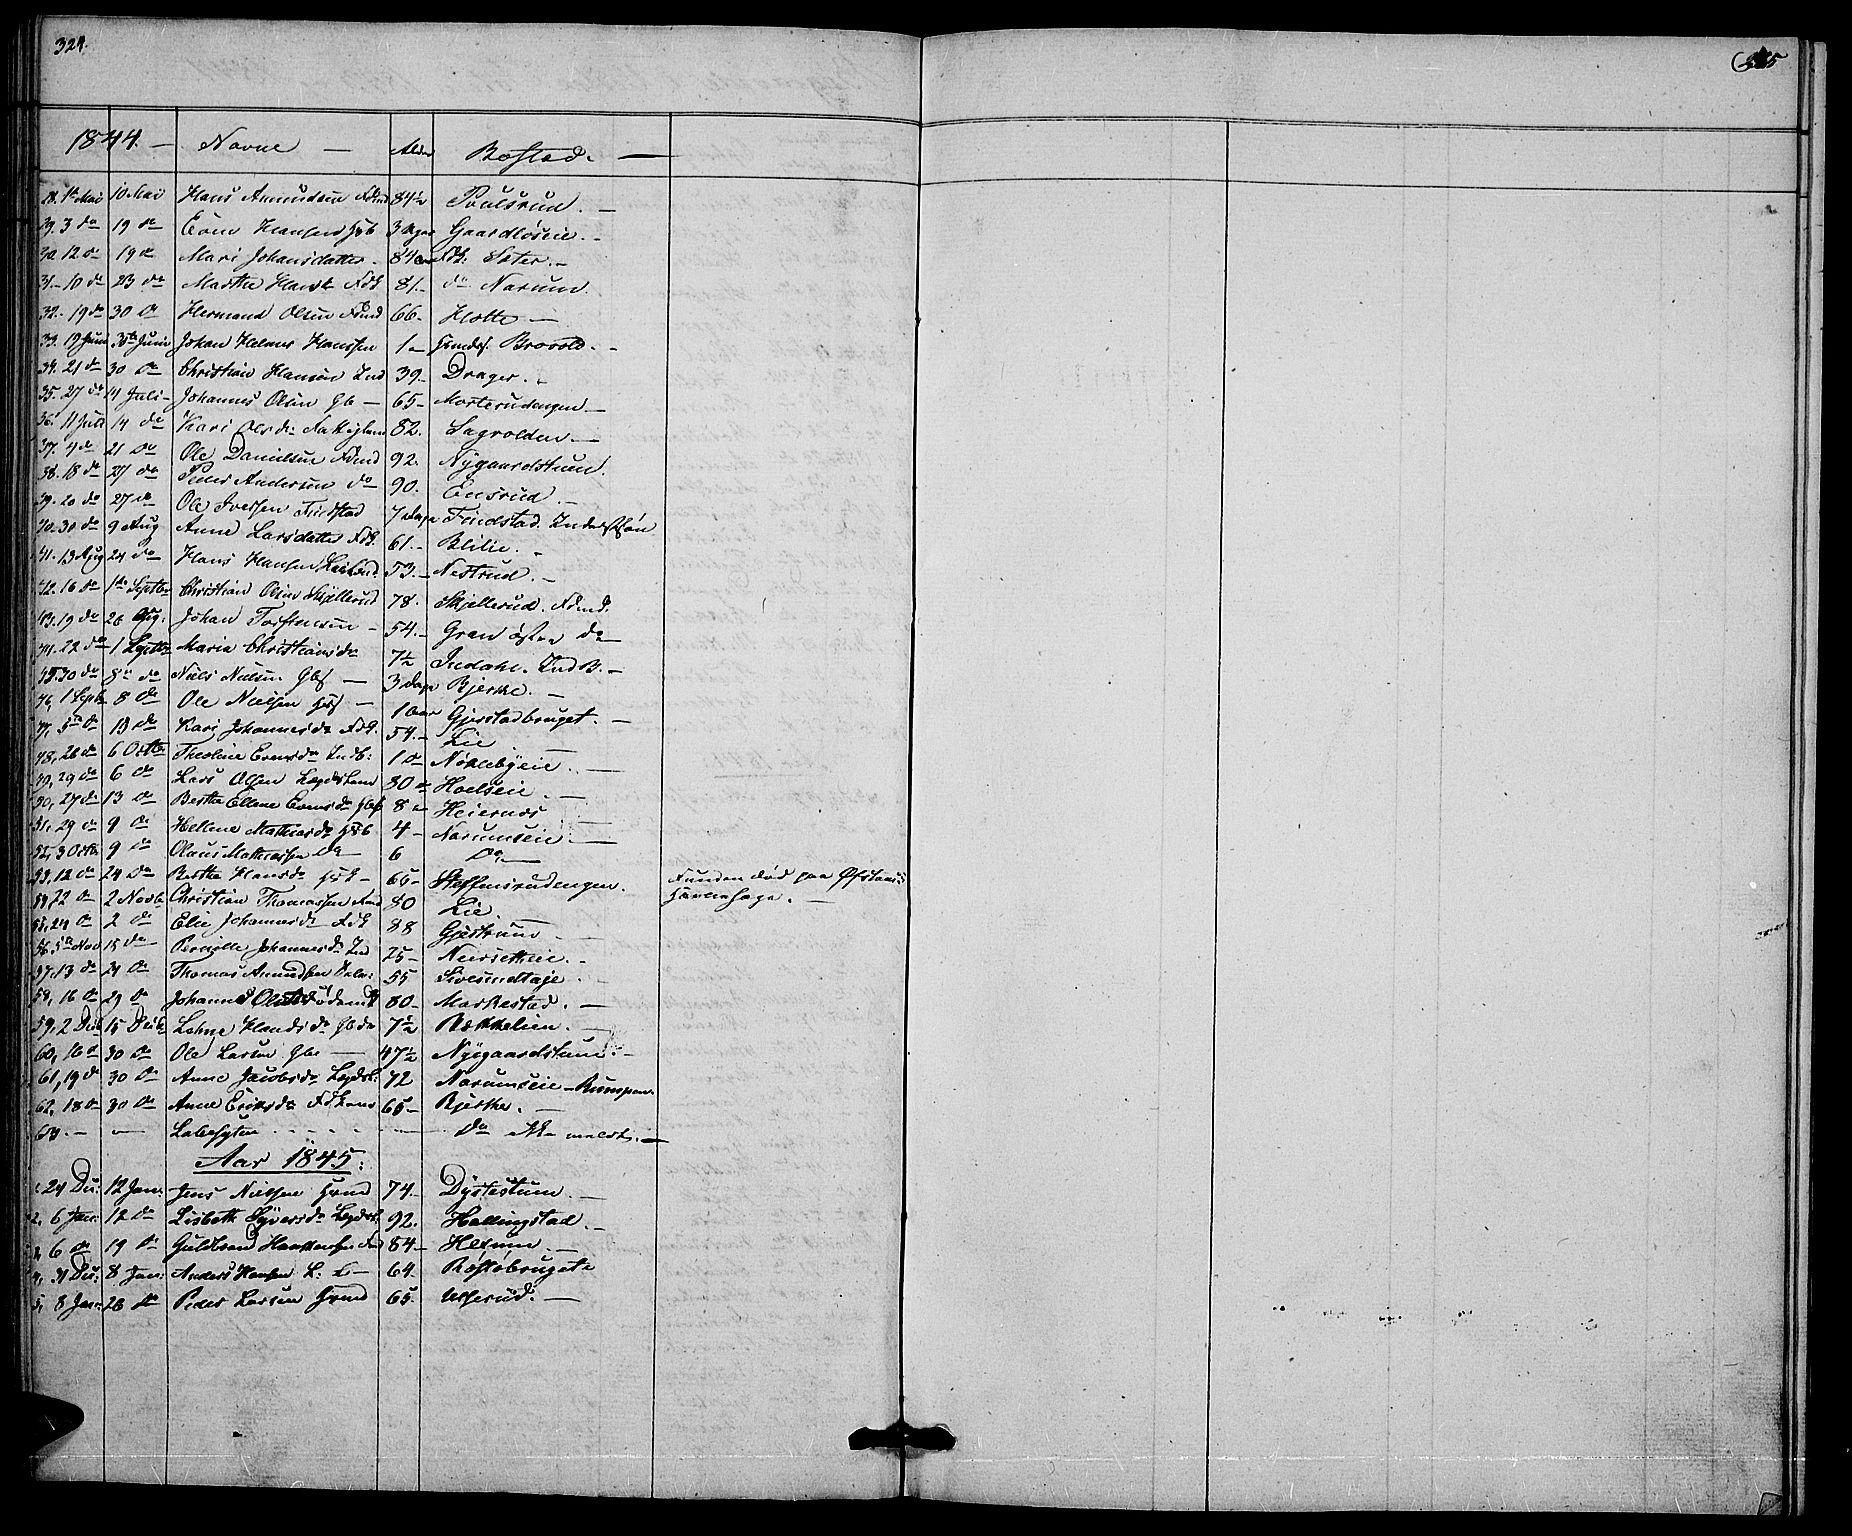 SAH, Vestre Toten prestekontor, Klokkerbok nr. 2, 1836-1848, s. 324-325